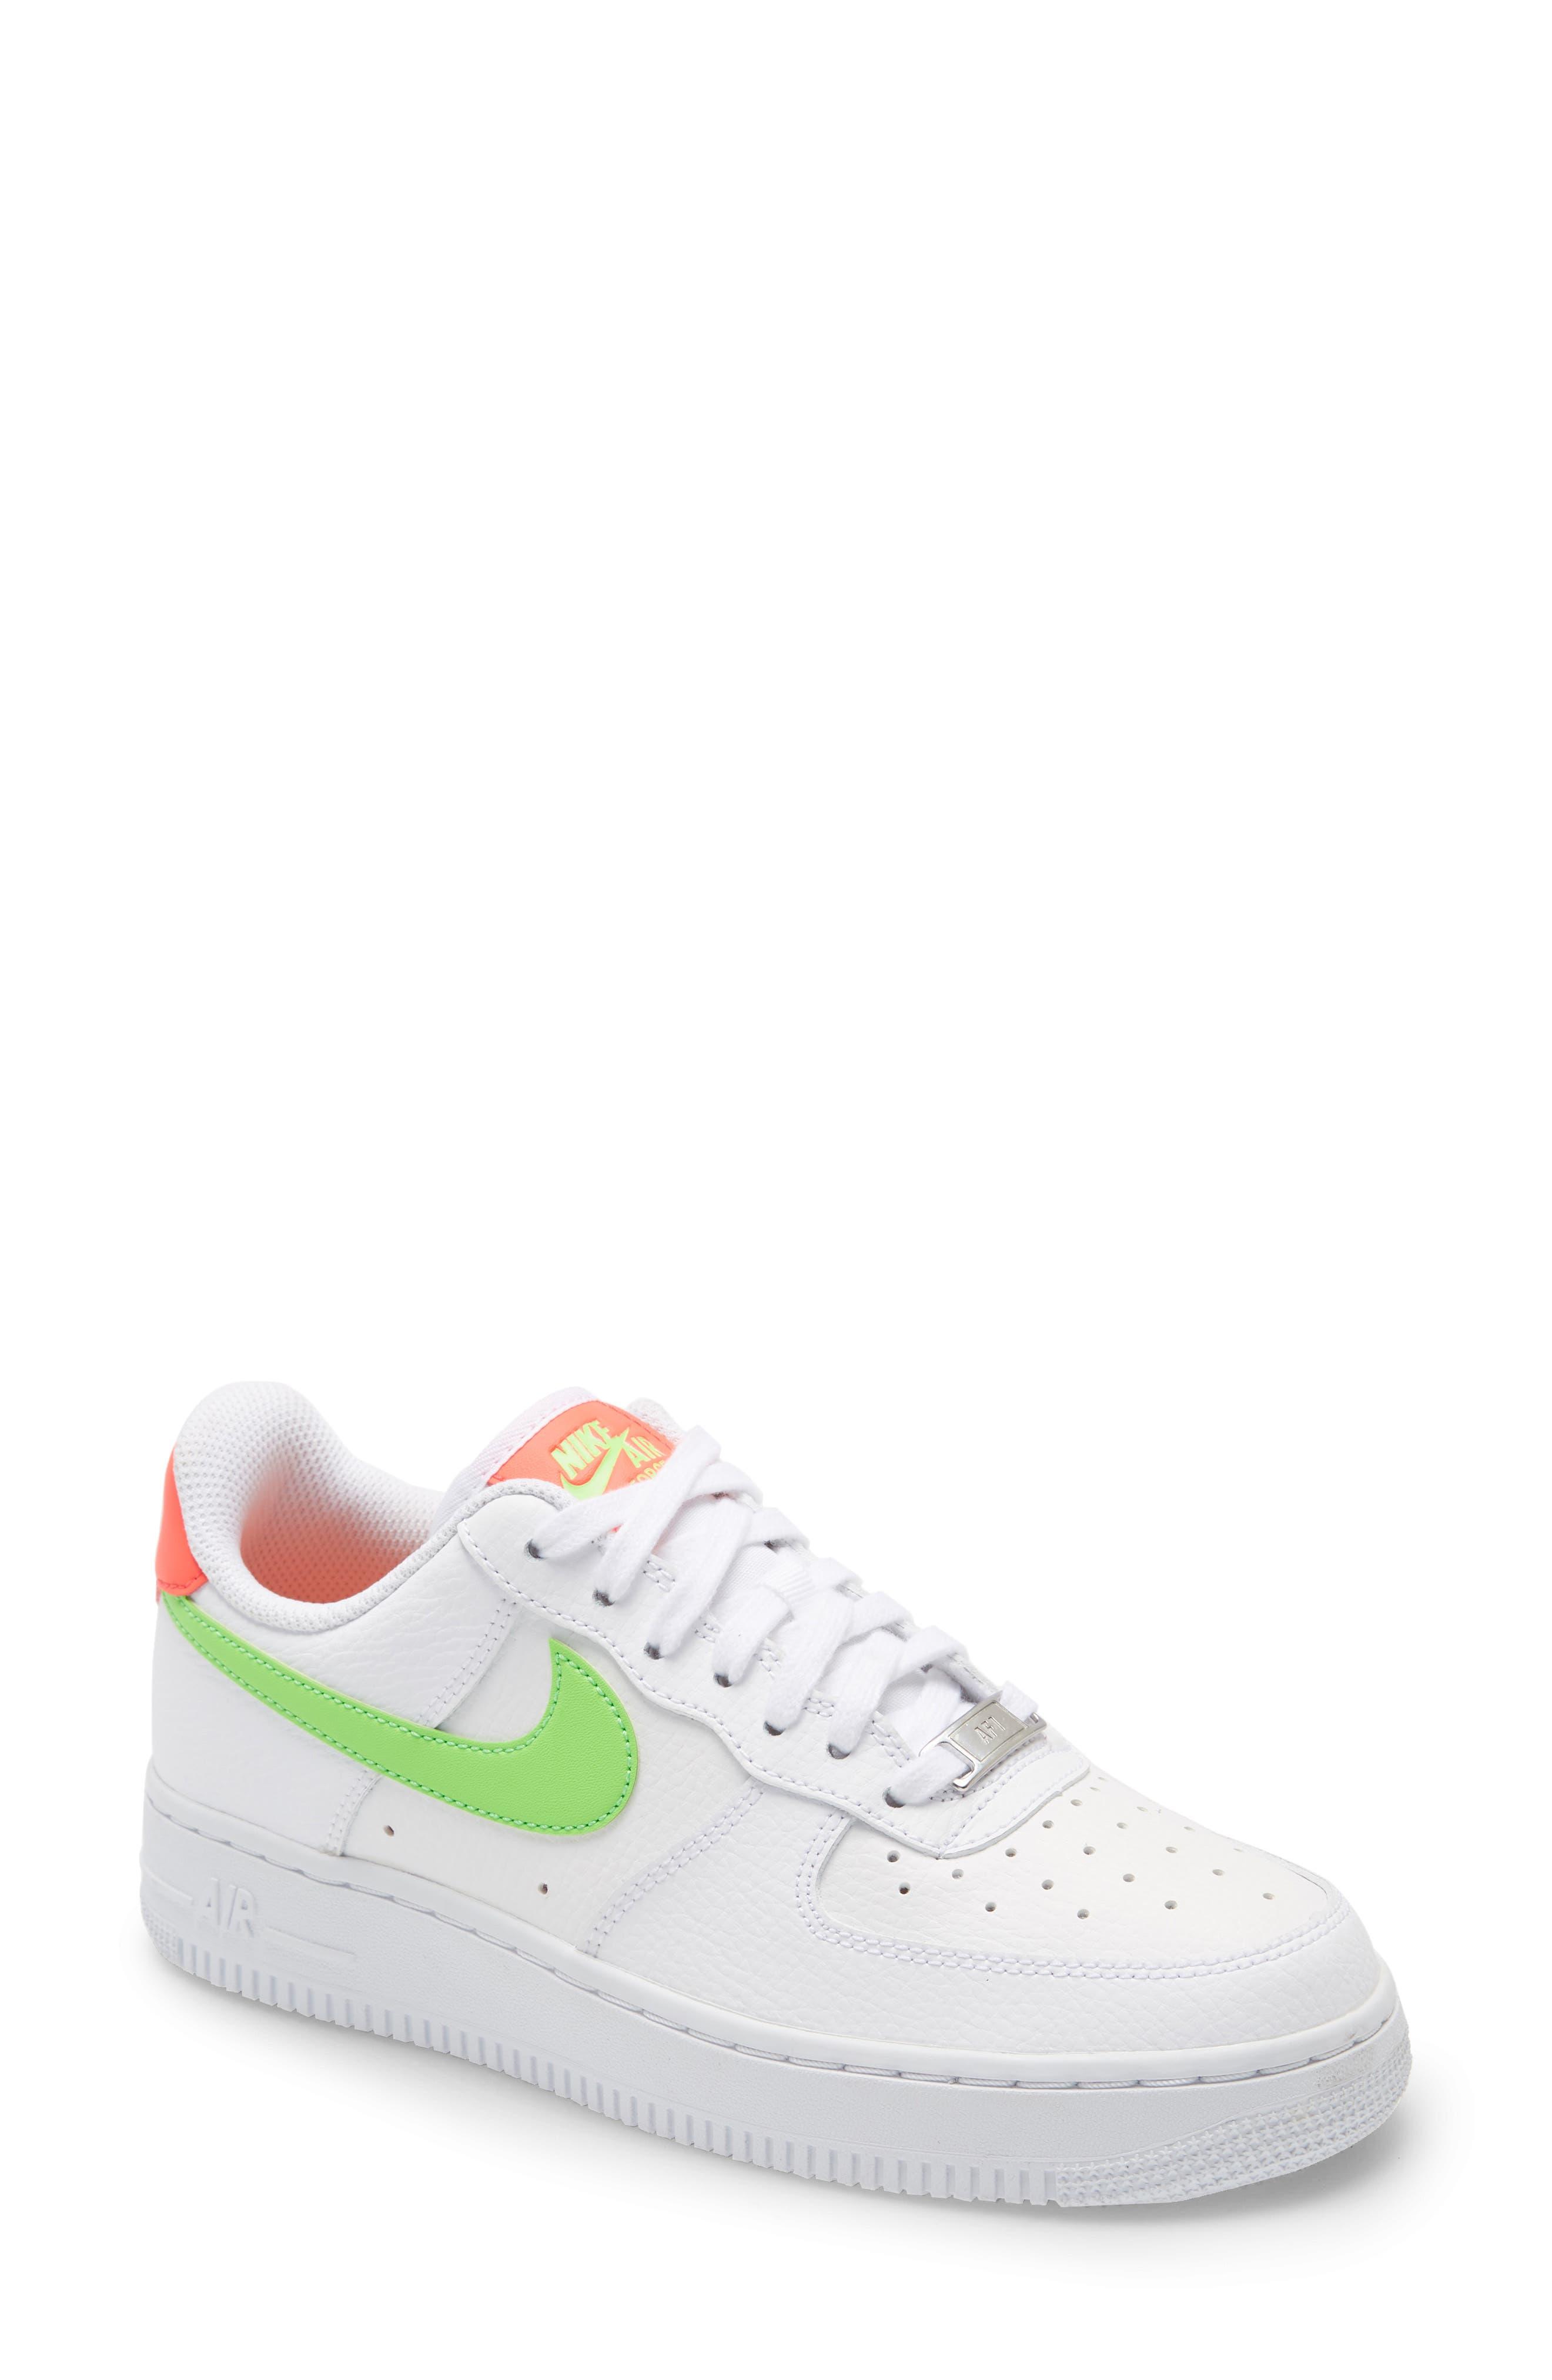 Kicks Deals – Official Website NikeLab Air Force 1 Low Light